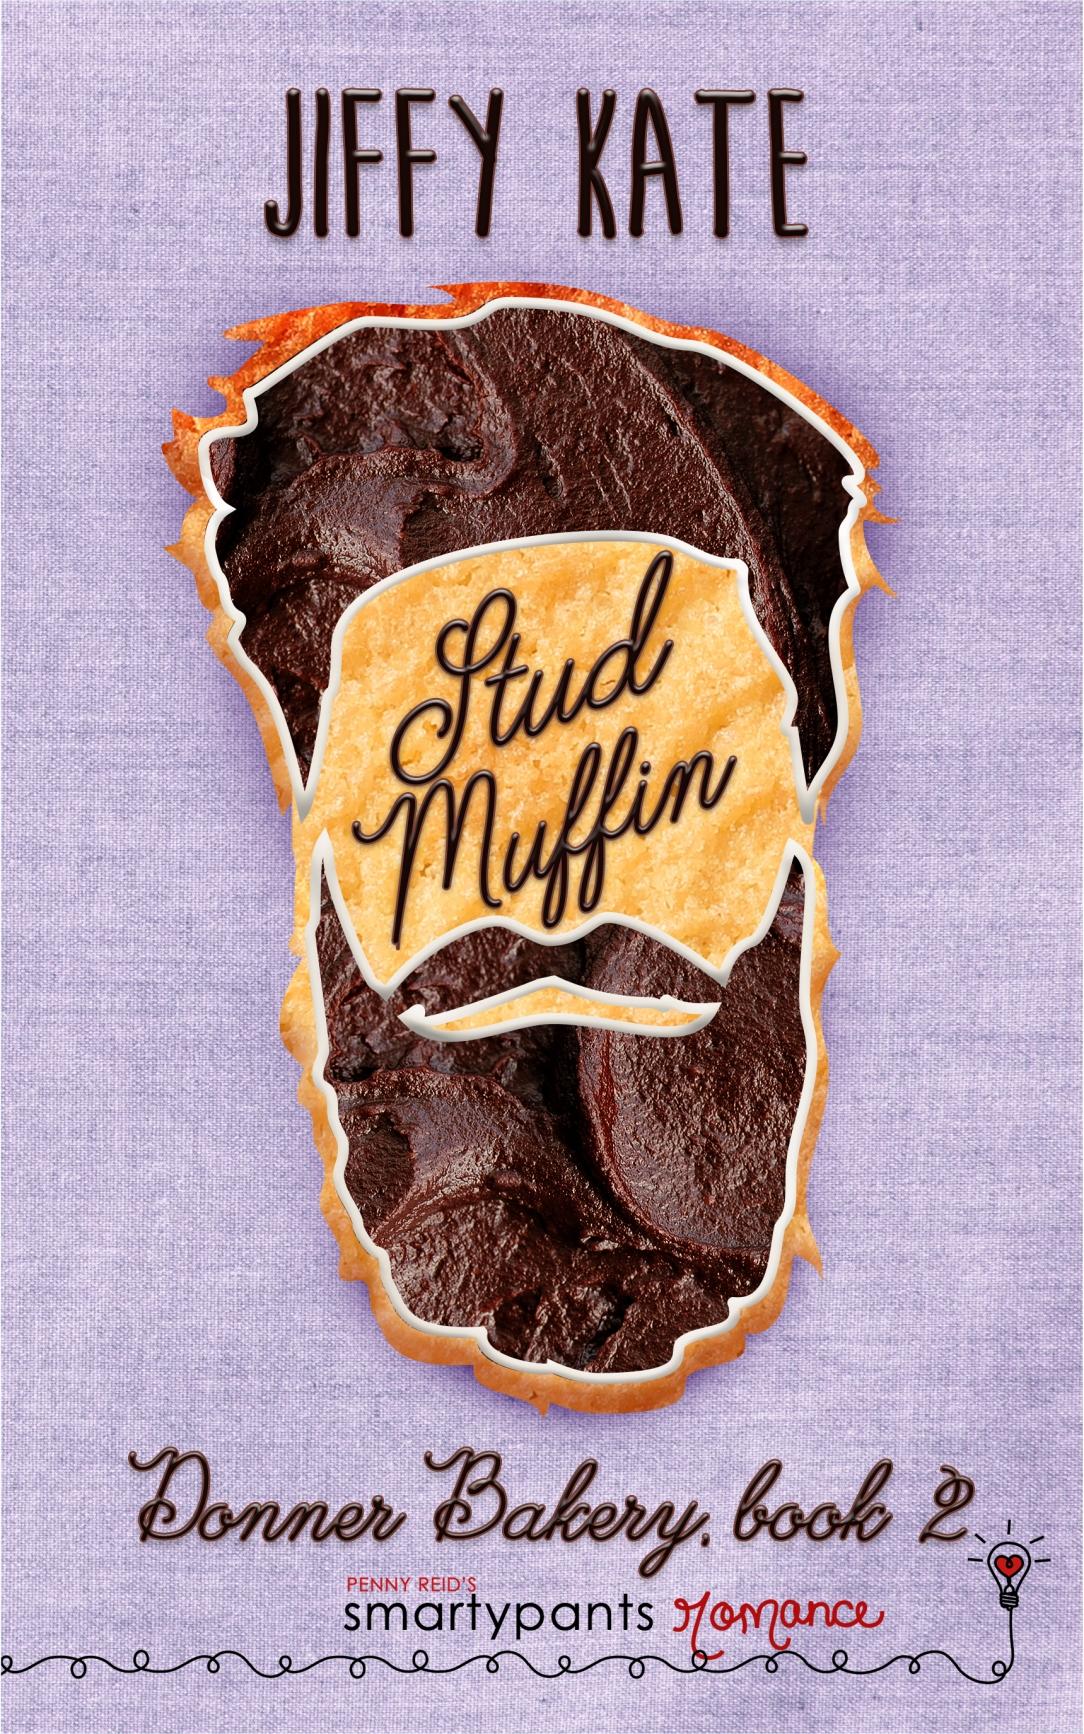 20190718_DB02_Stud Muffin_Kate_KDP_FINAL